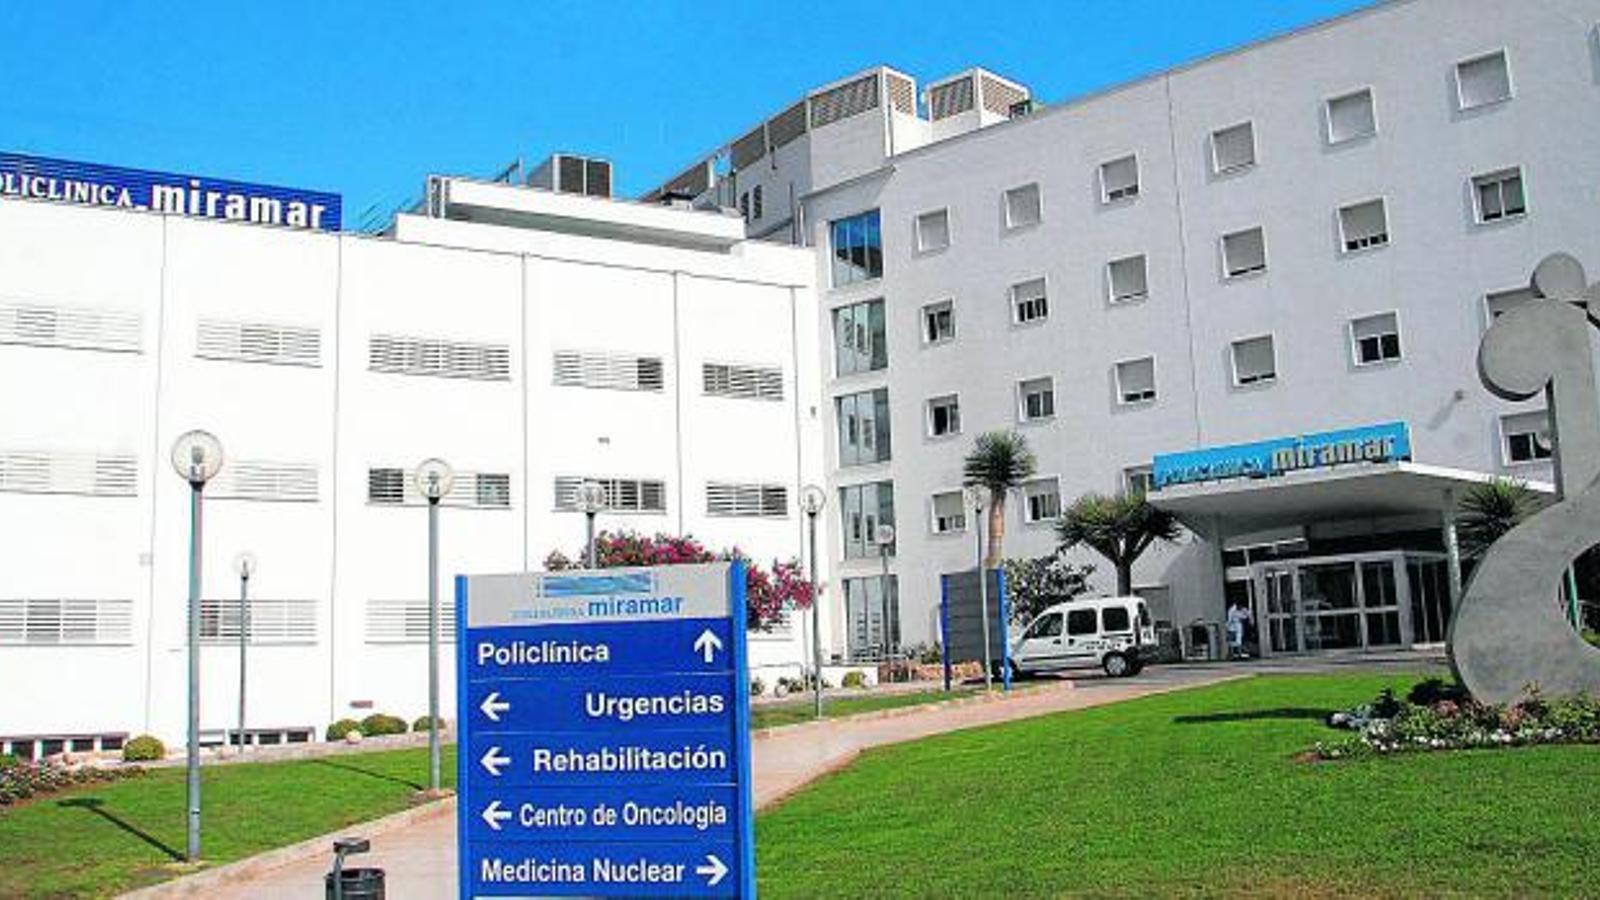 PARAULA CLAU NEGATIU  Després de l'abandonament del Grupo Recoletas, la titularitat de la Policlínica perviu ara amb capital forà i gestió de Red Juaneda.